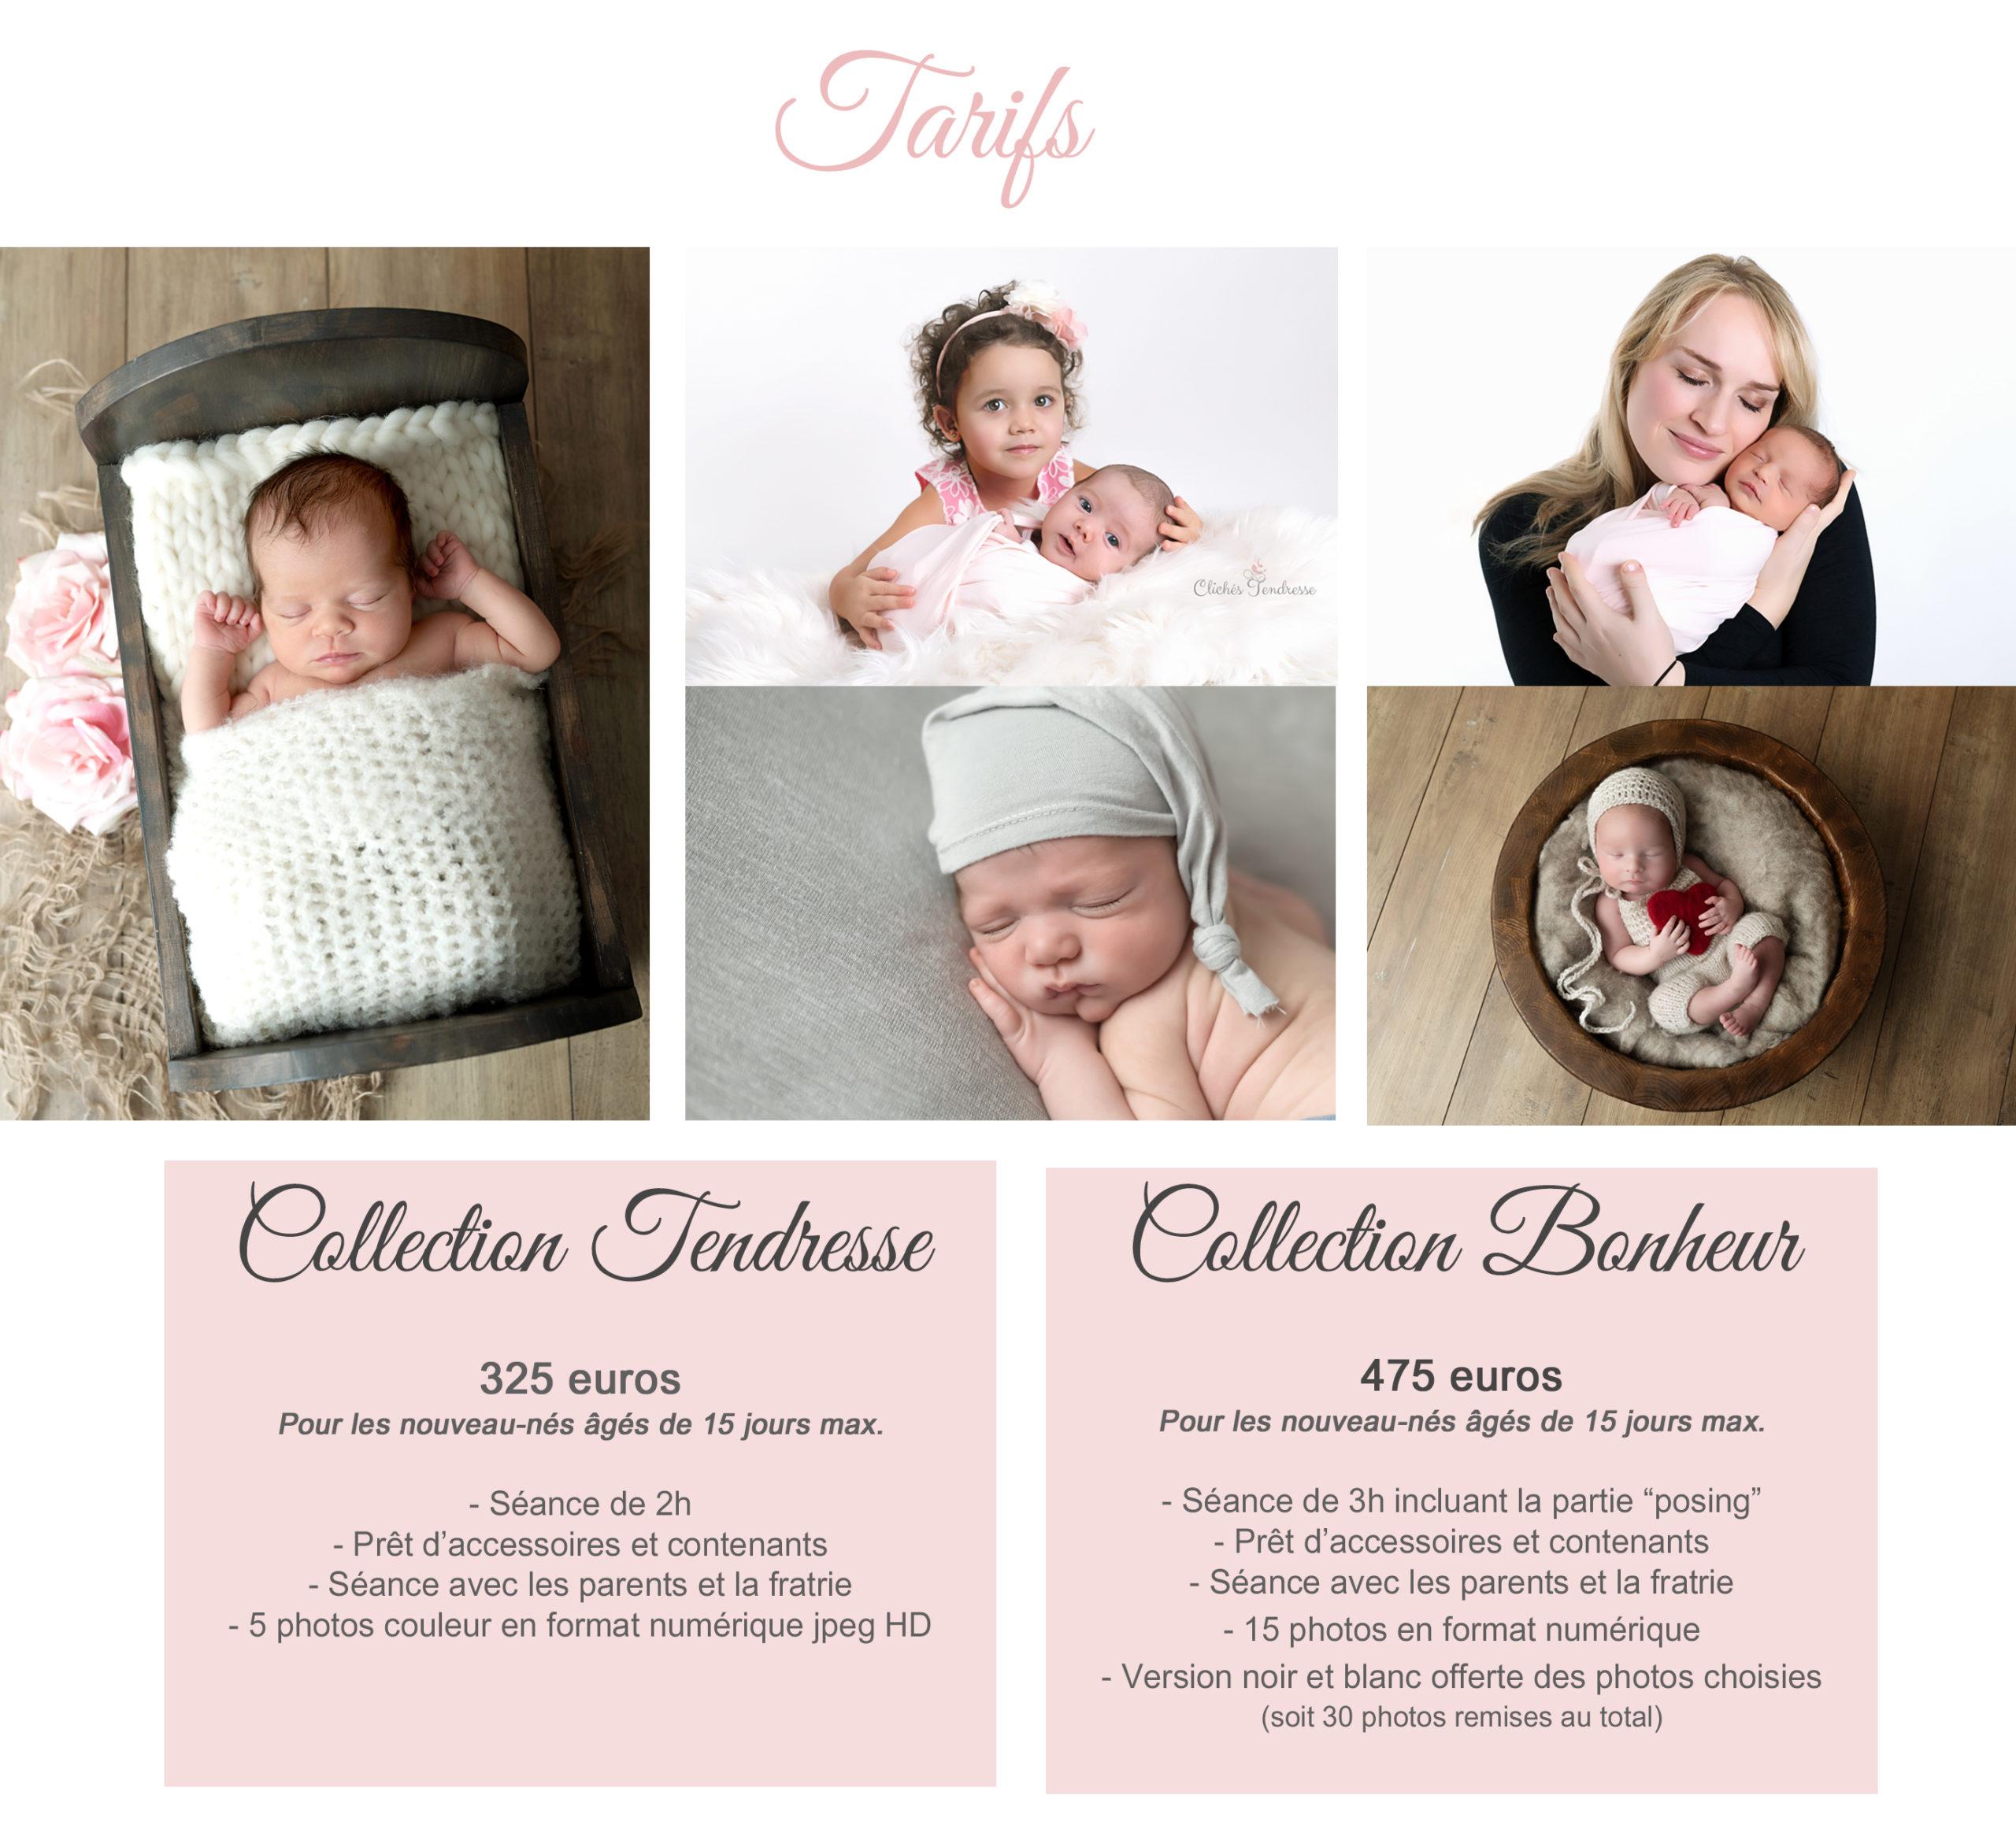 tarifs de votre photographe nouveau-né, bébé en studio dans l'Ain (01), Pays de Gex, Haute-Savoie ou Suisse